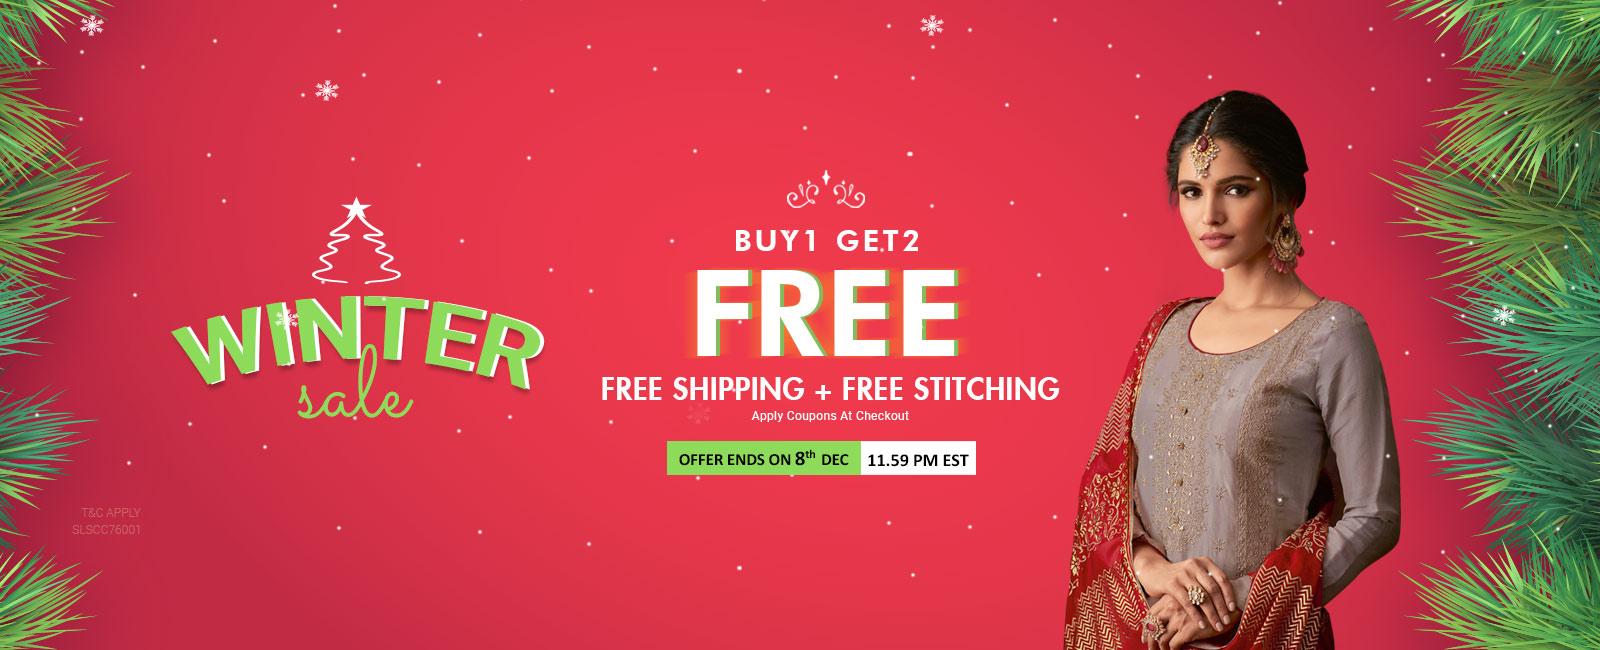 Buy 1 Get 2 Free+ Free Shipping+Free Stitching